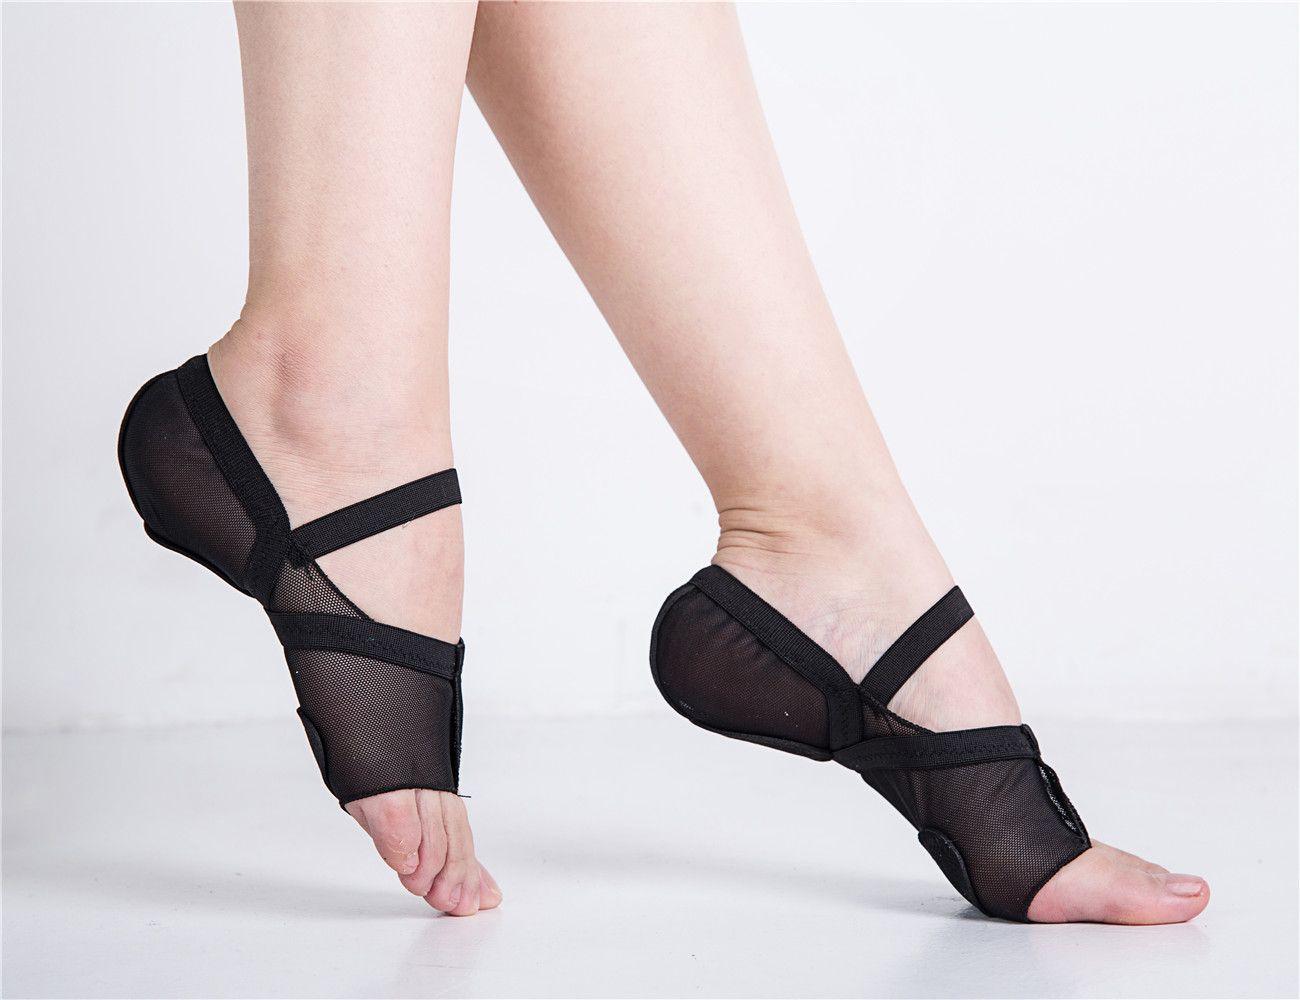 المرأة مش كامل للجسم تمتد غنائية أحذية قاعة رقص السالسا اللاتينية الجاز ممارسة الرقص وسادات السيدات الرياضة